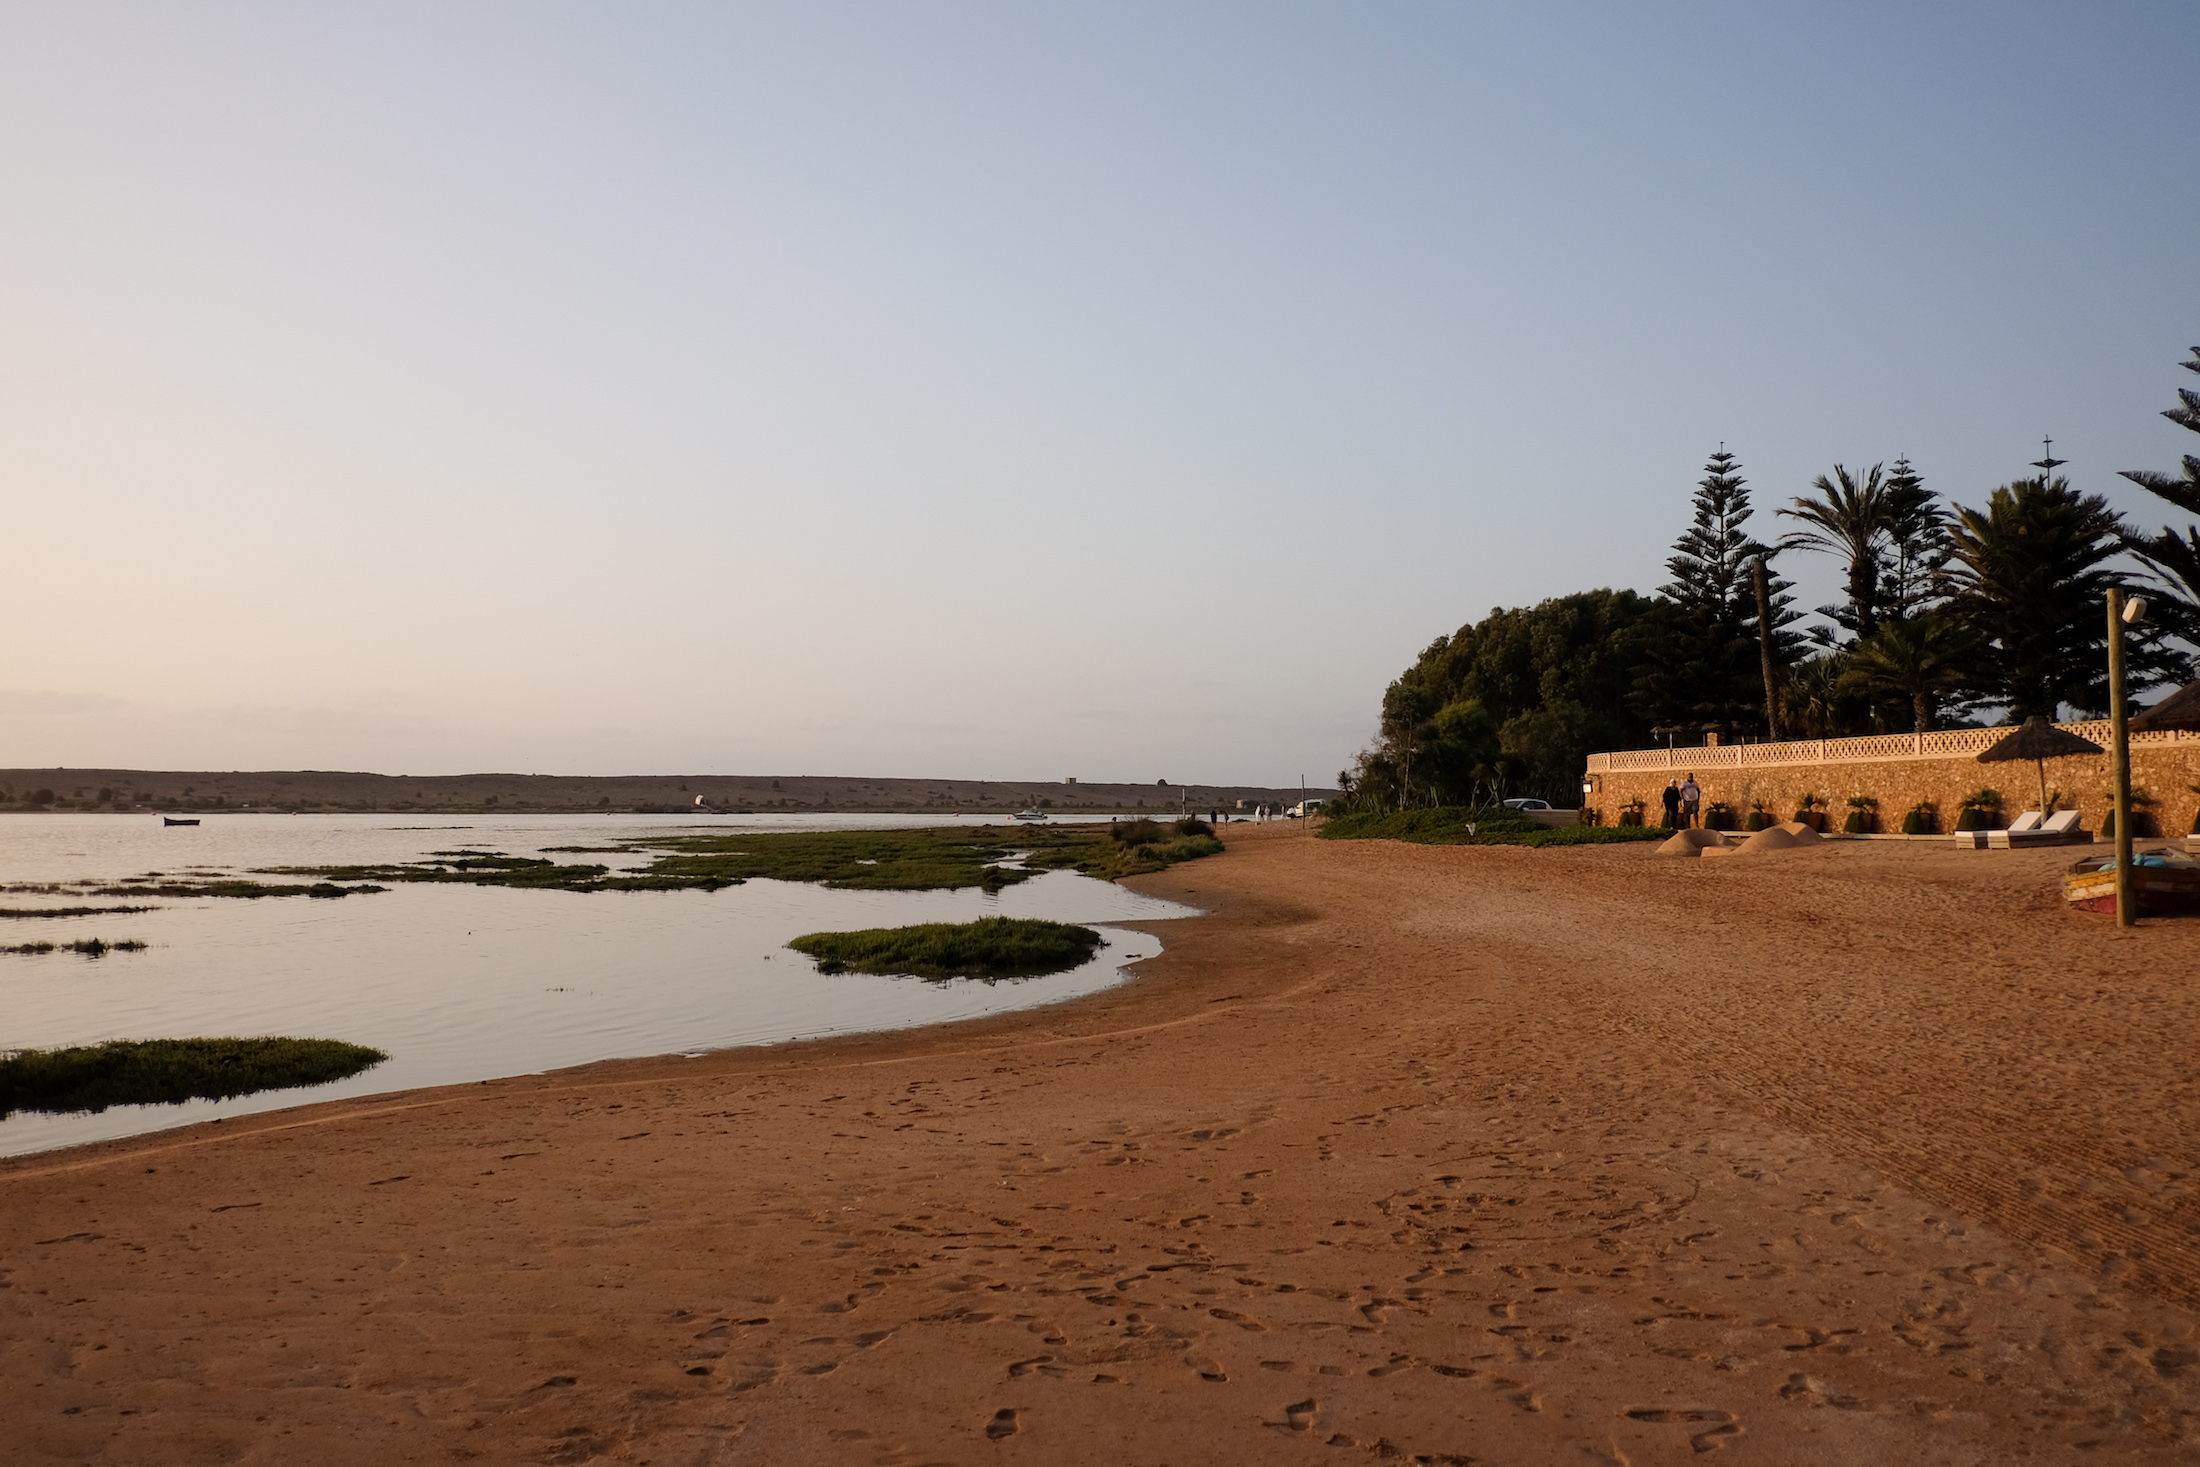 beach in morocco - la sultana oualidia